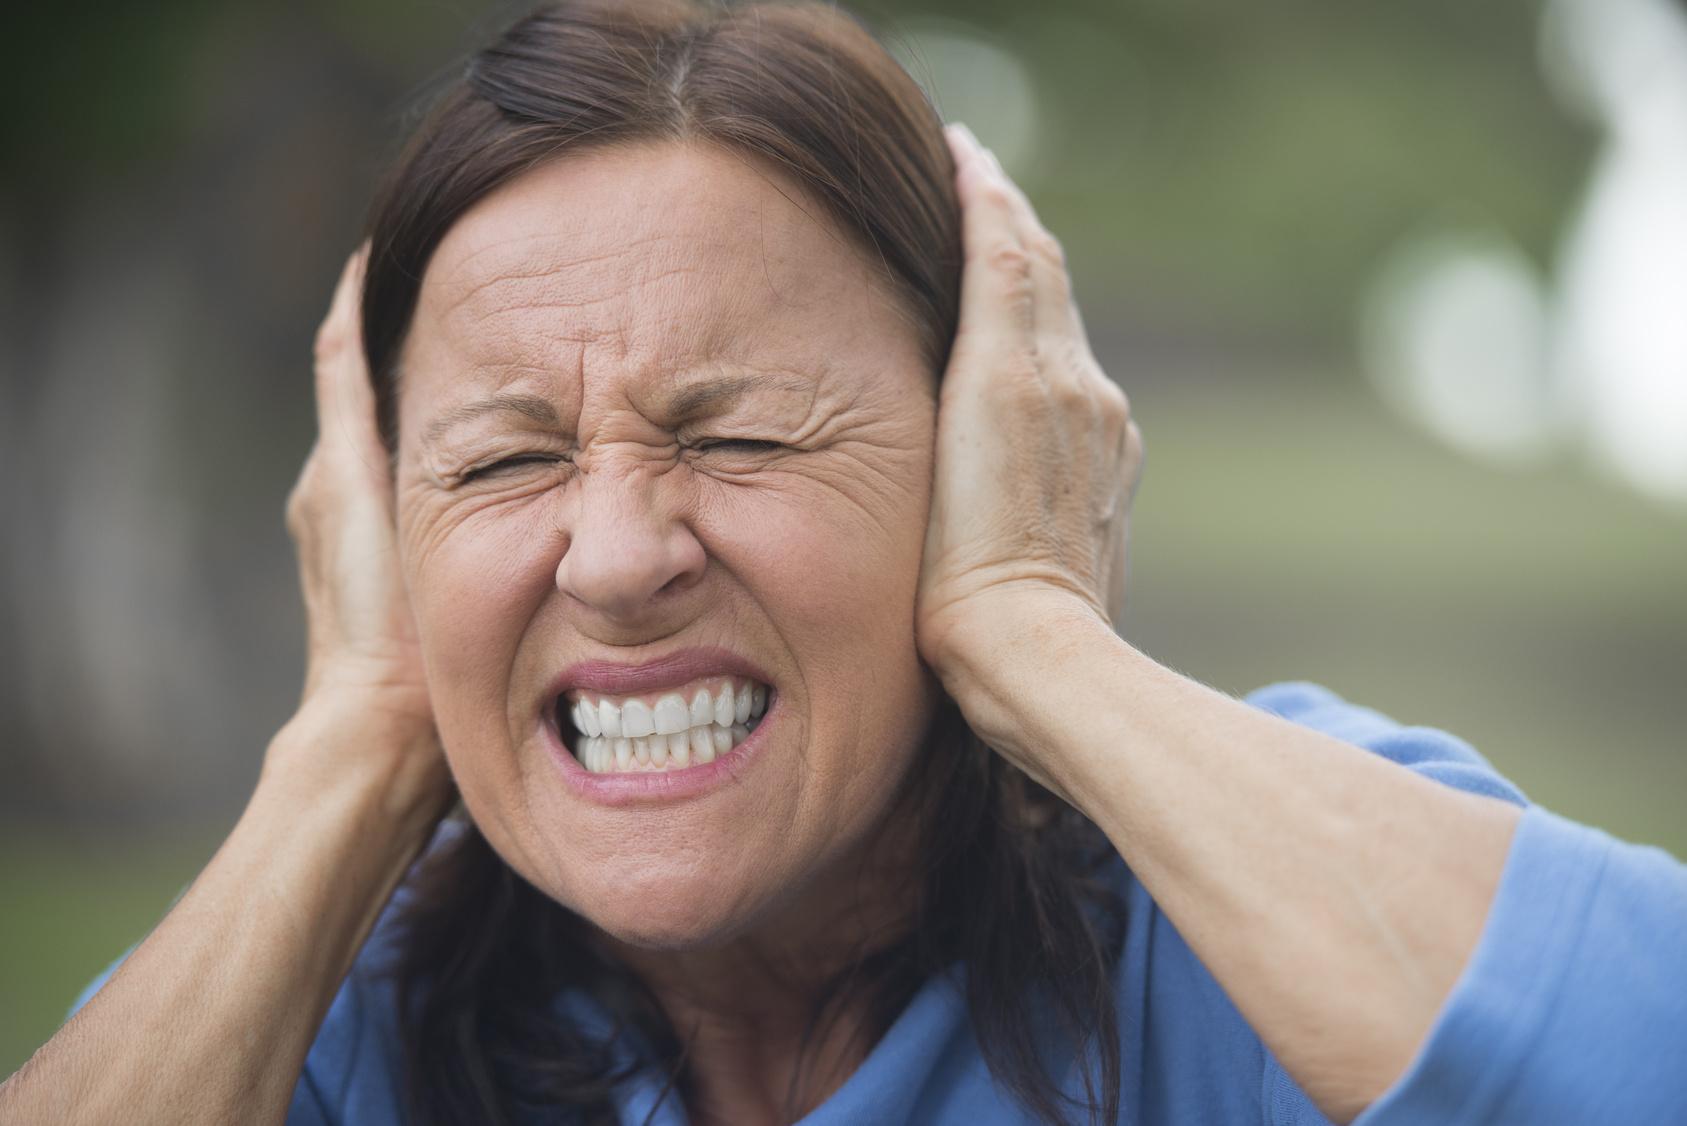 pressure_stressed_headache_upset-1